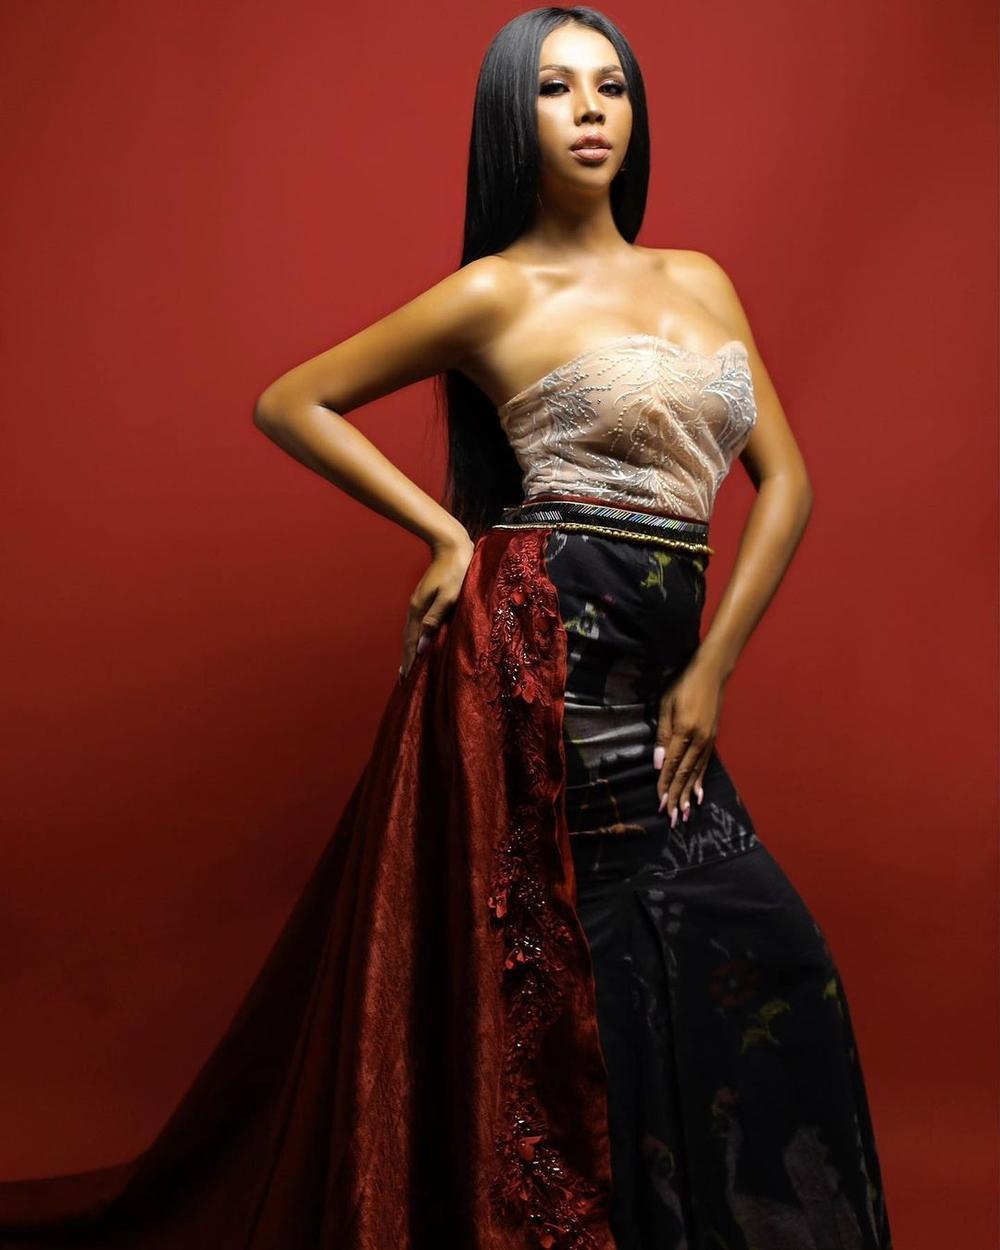 12 thí sinh đầu tiên dự thi Miss International Queen 2021: Trân Đài 'kèn cựa' mỹ nhân Thái Lan Ảnh 32